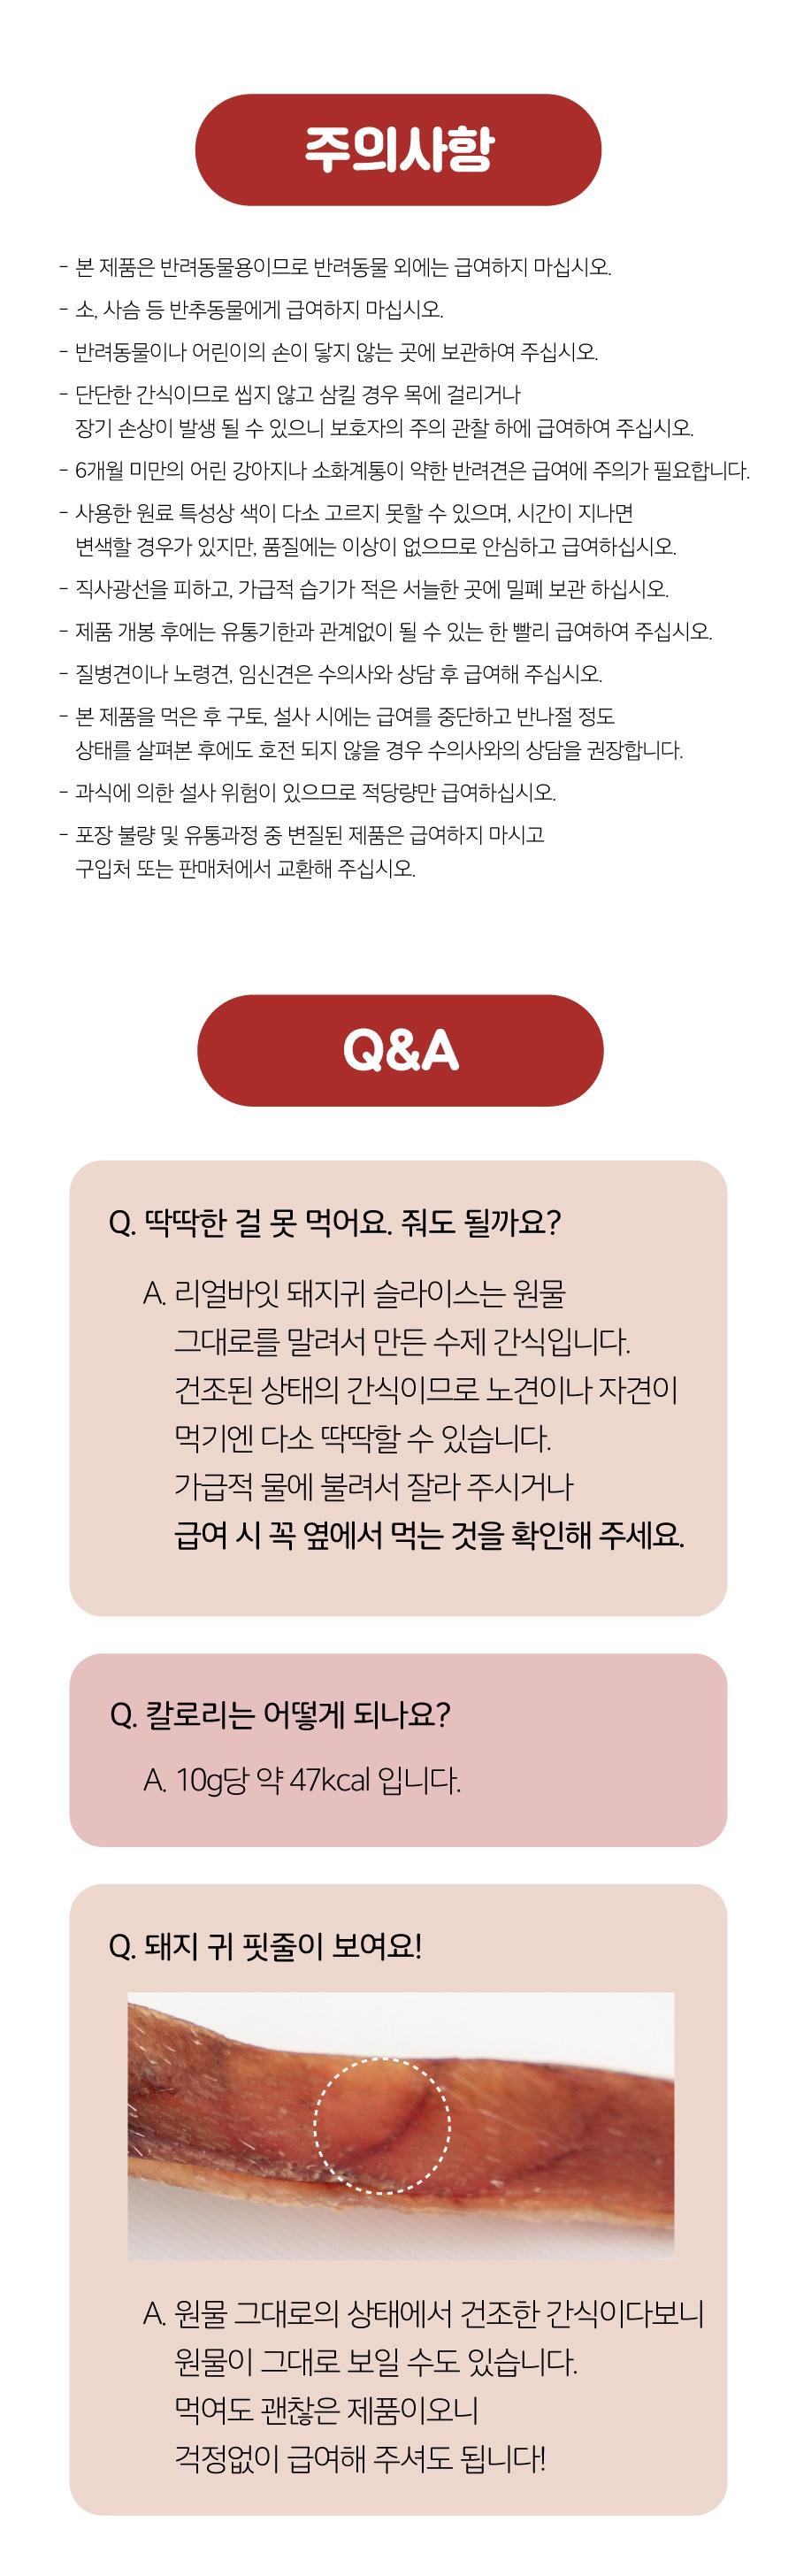 리얼바잇 돼지귀슬라이스&한우스틱&한우링-상품이미지-10